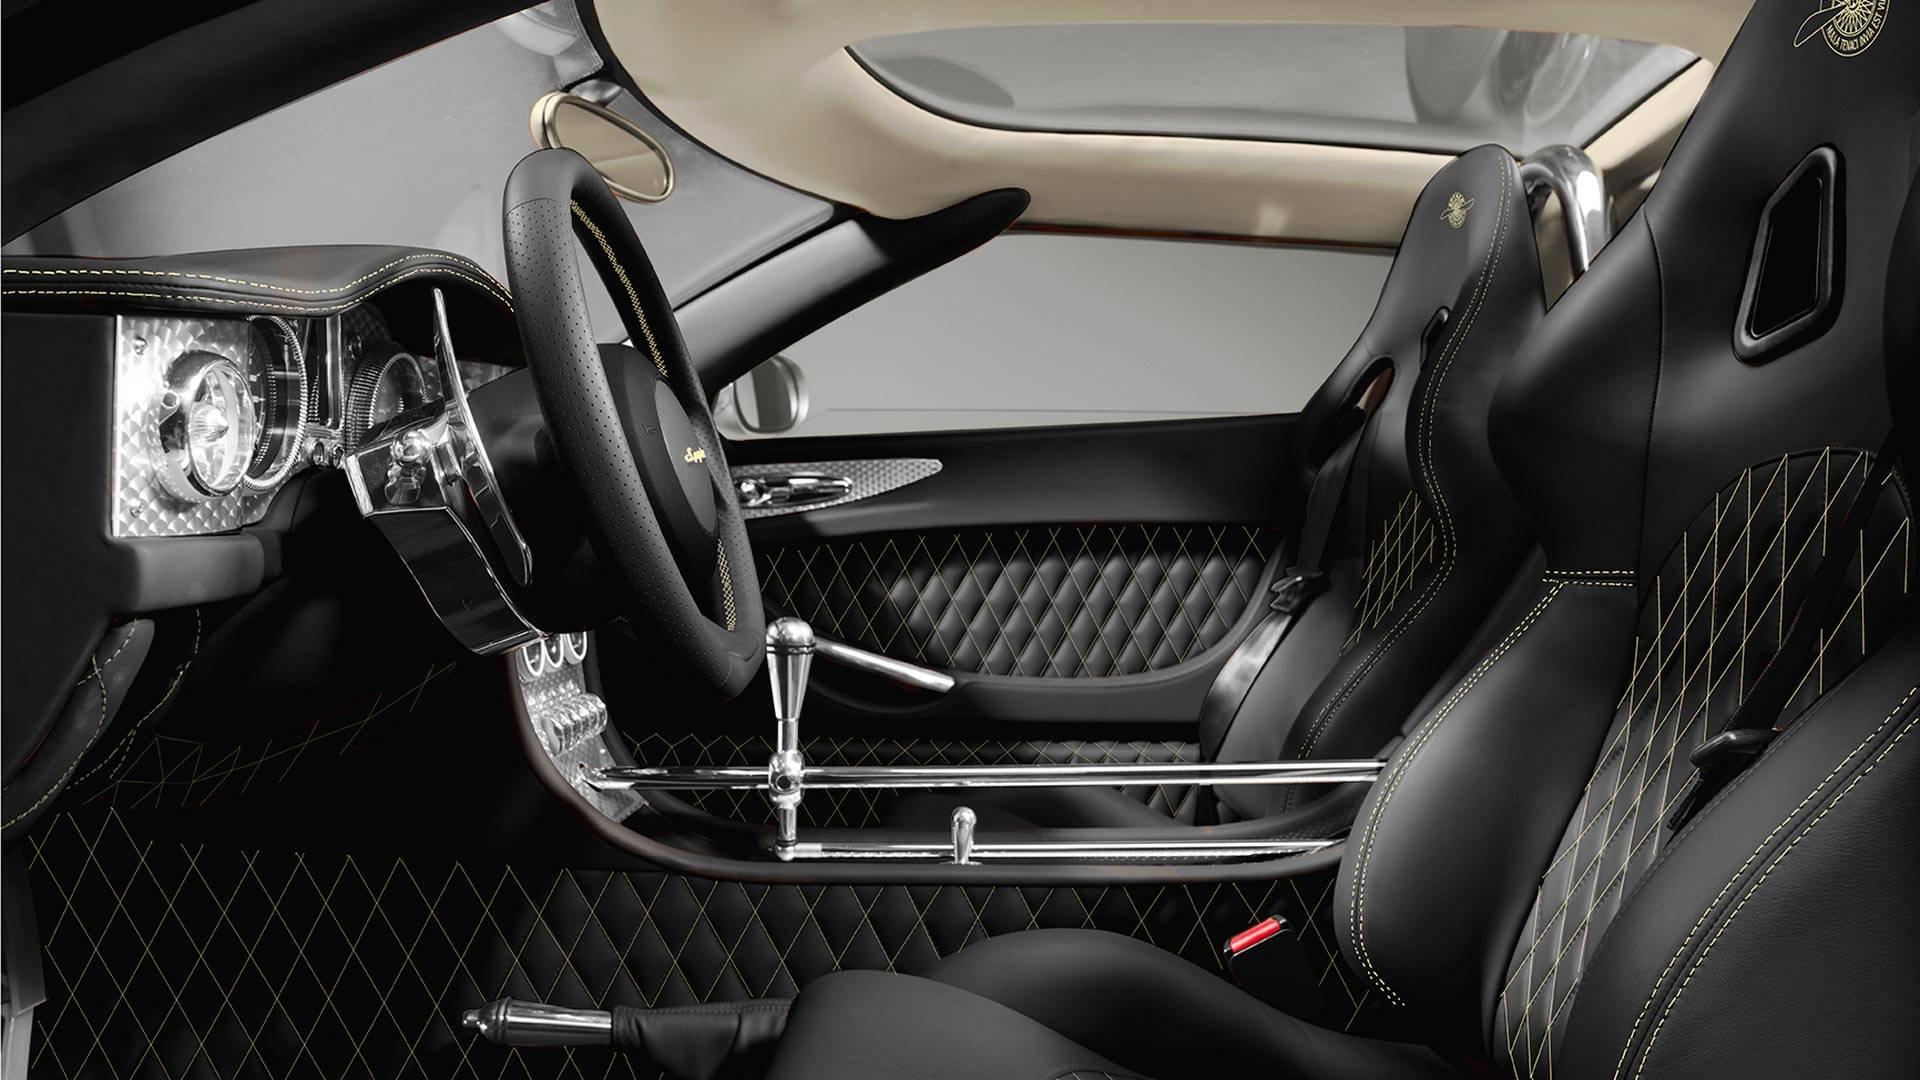 Spyker продемонстрировал прощальные C8 Aileron